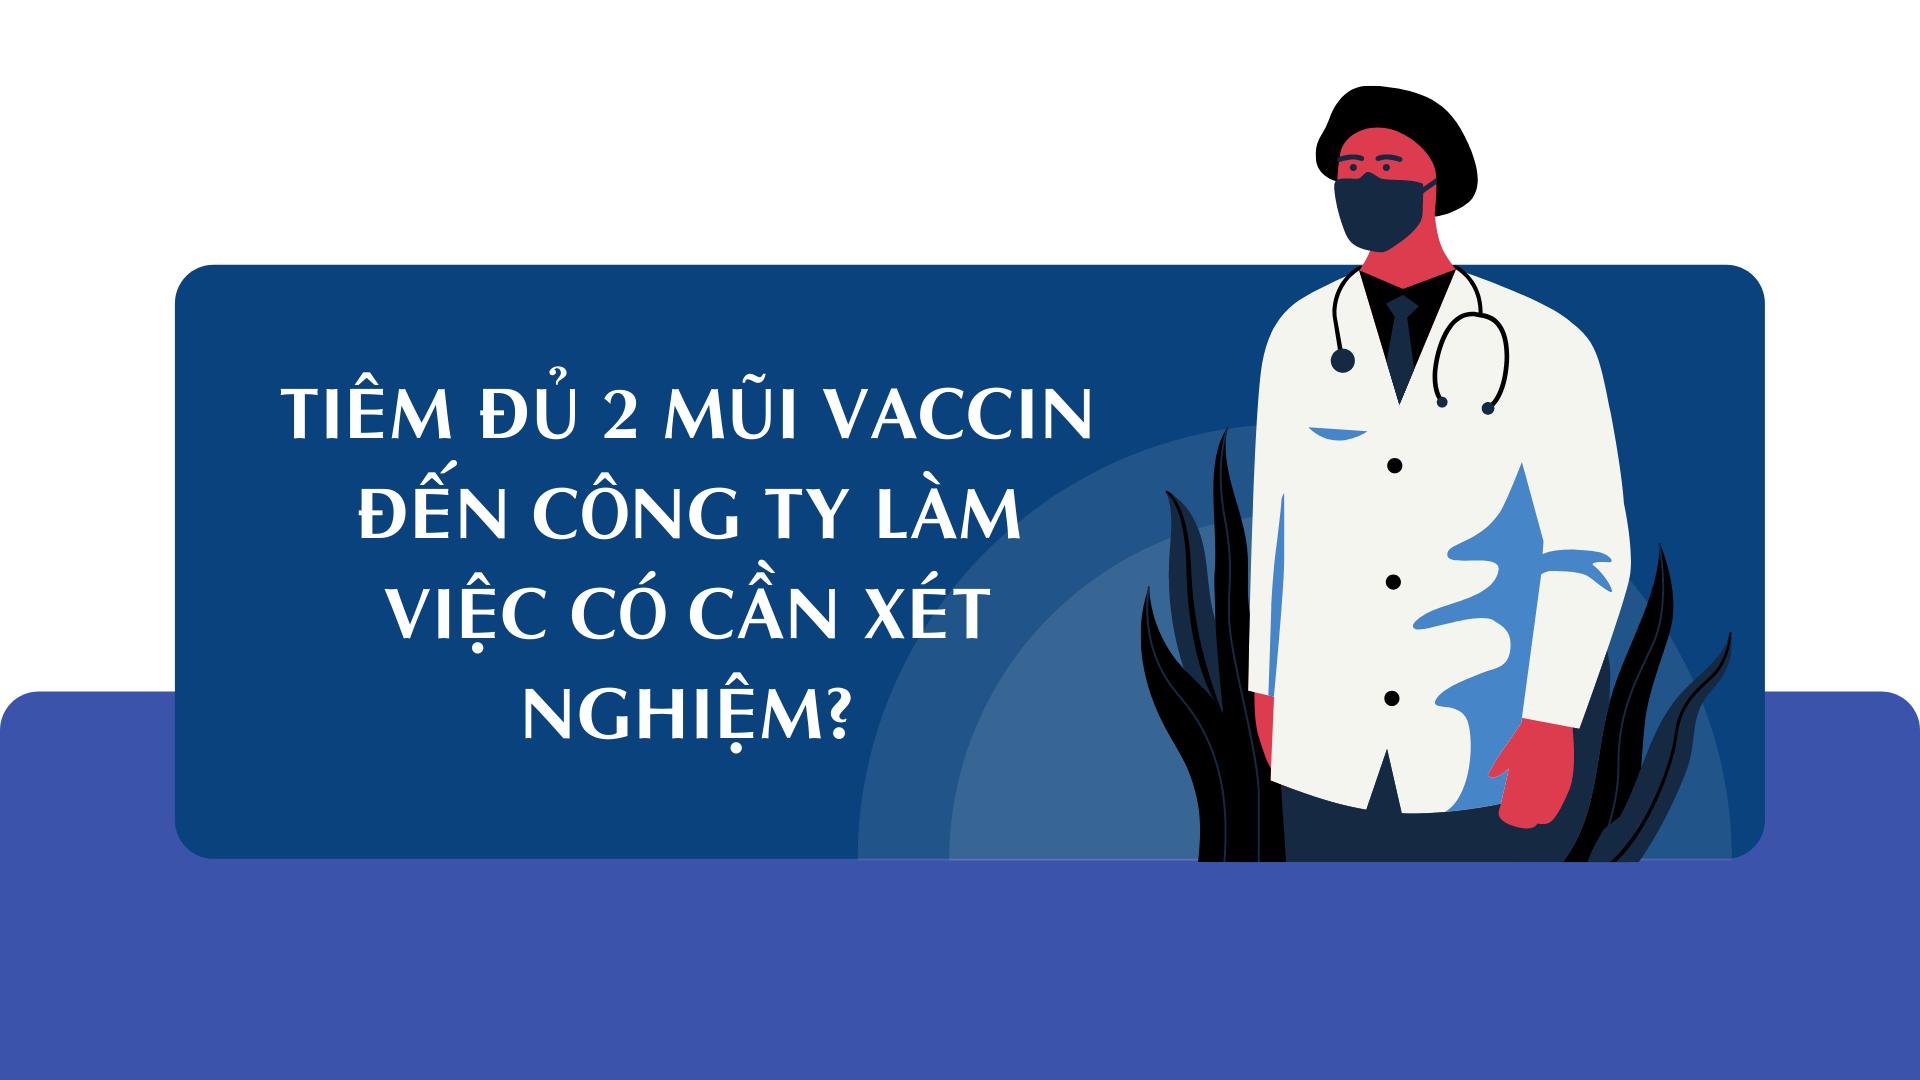 Đã tiêm đủ 2 mũi vaccin, đến công ty làm việc có cần xét nghiệm?